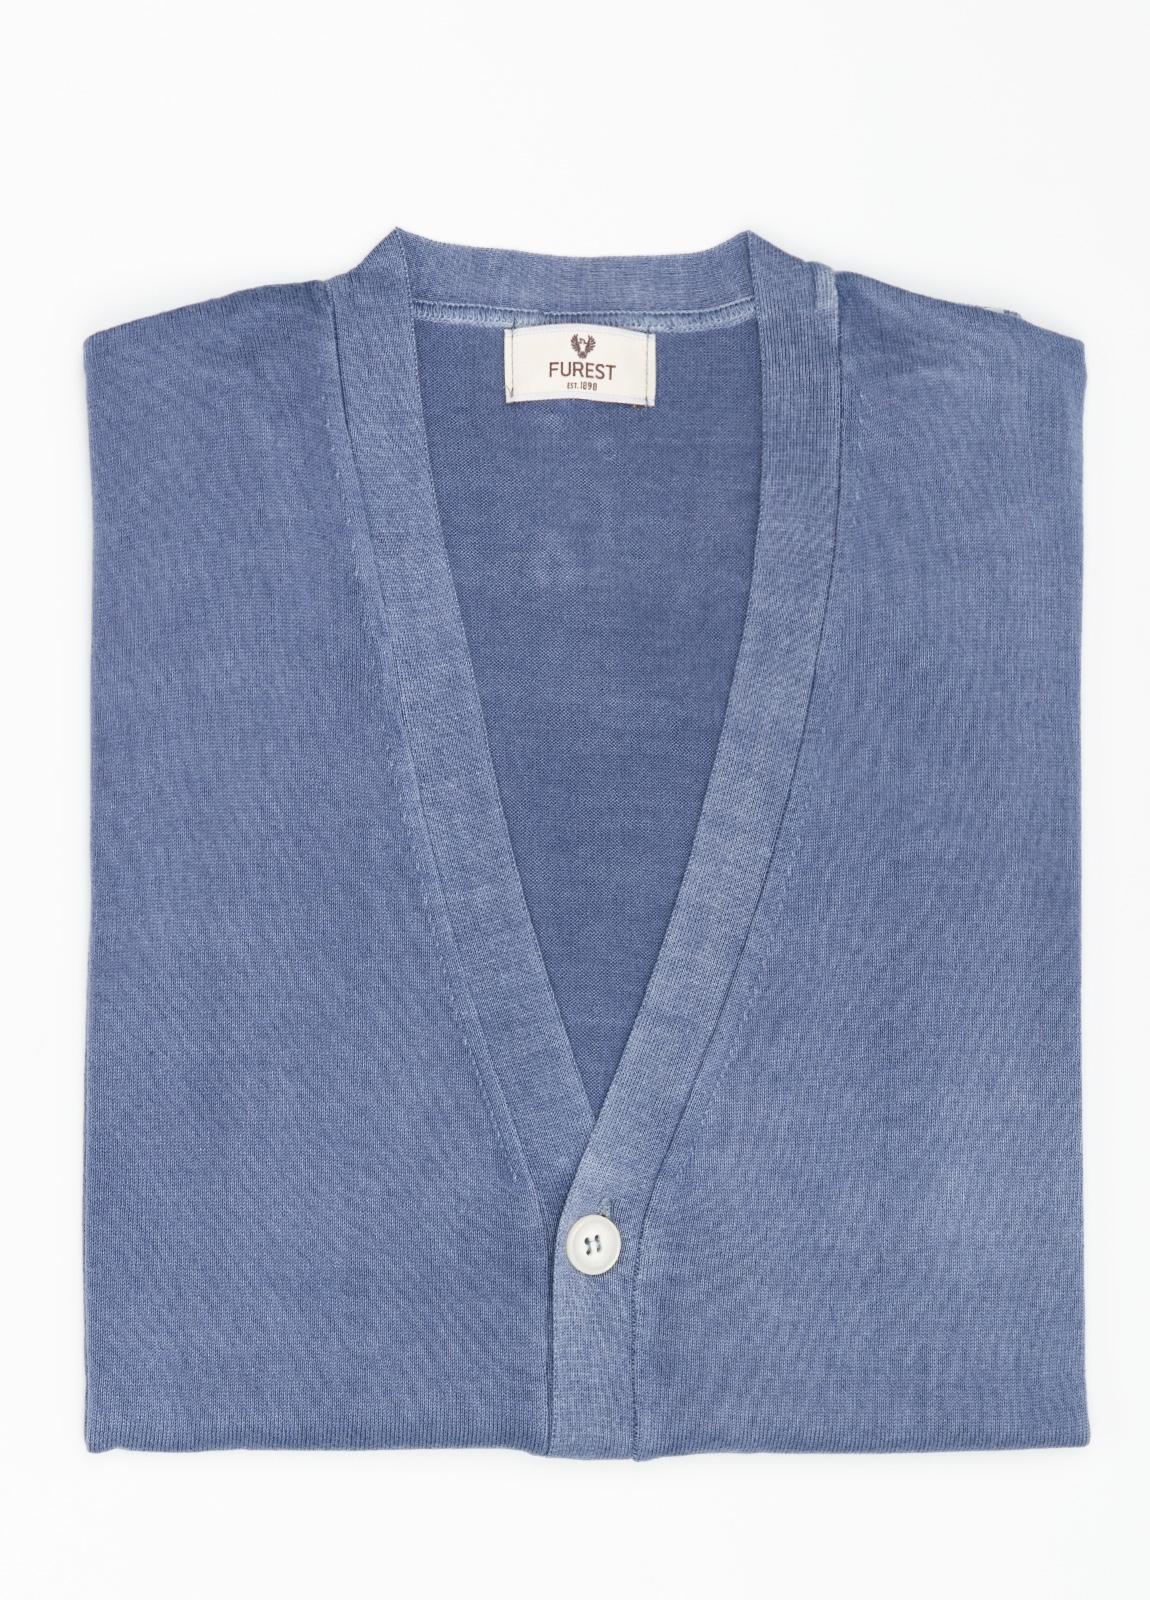 Cardigan con botones color azul, 100% Algodón.